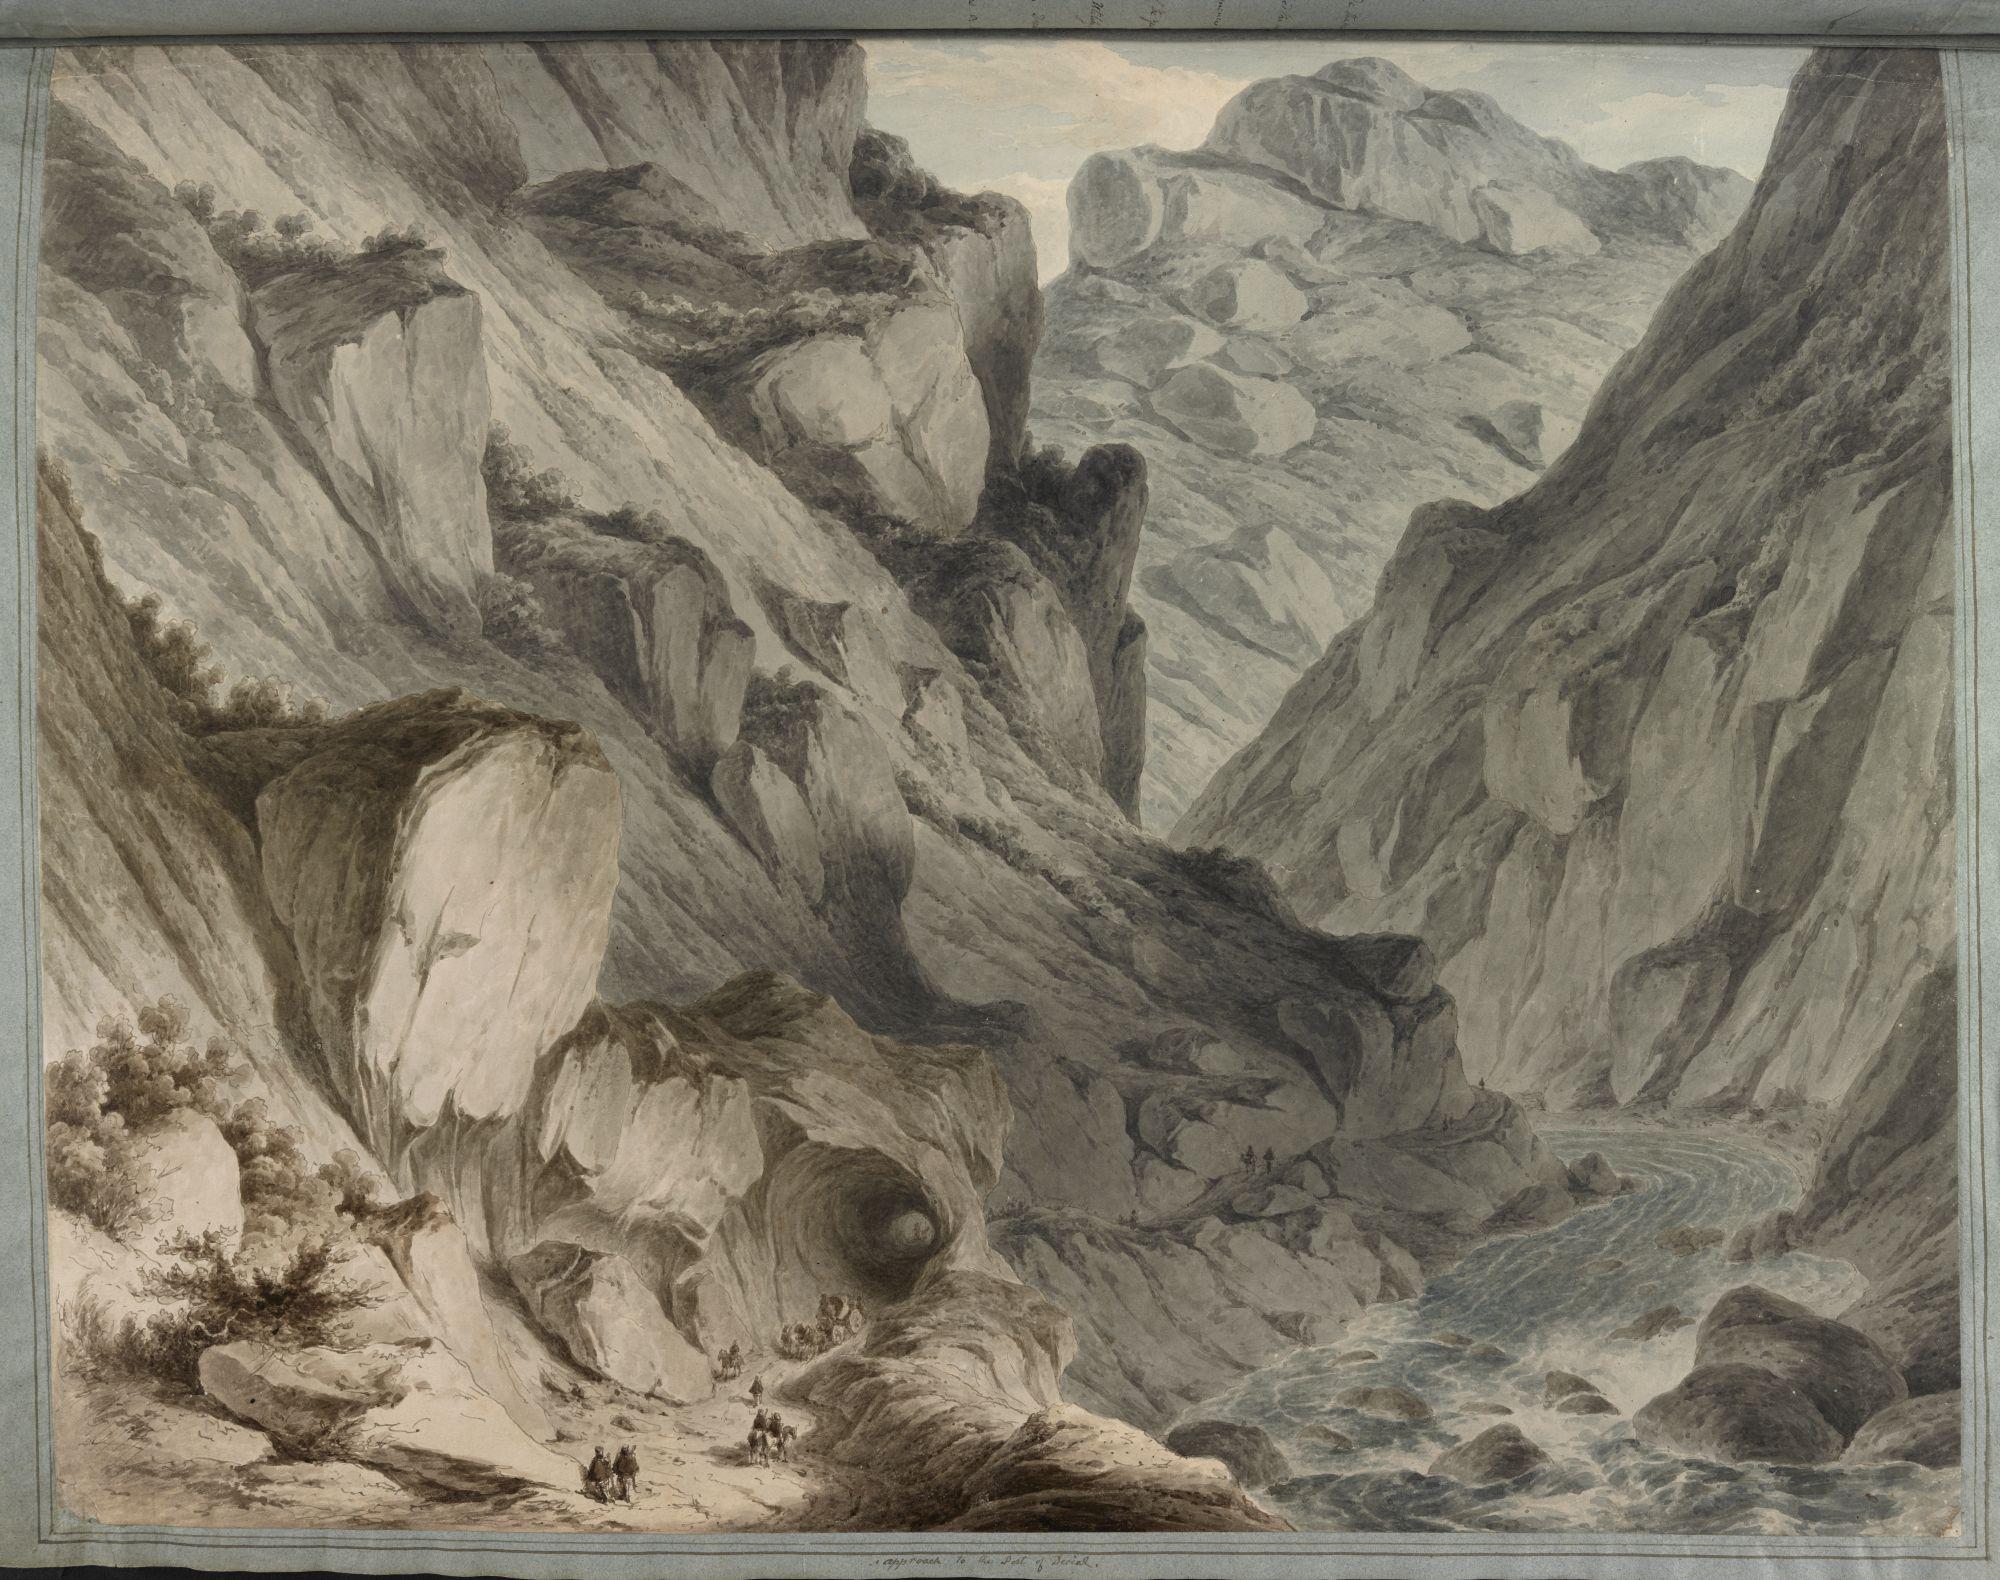 The Pass of Derial, by Sir Robert Ker Porter.